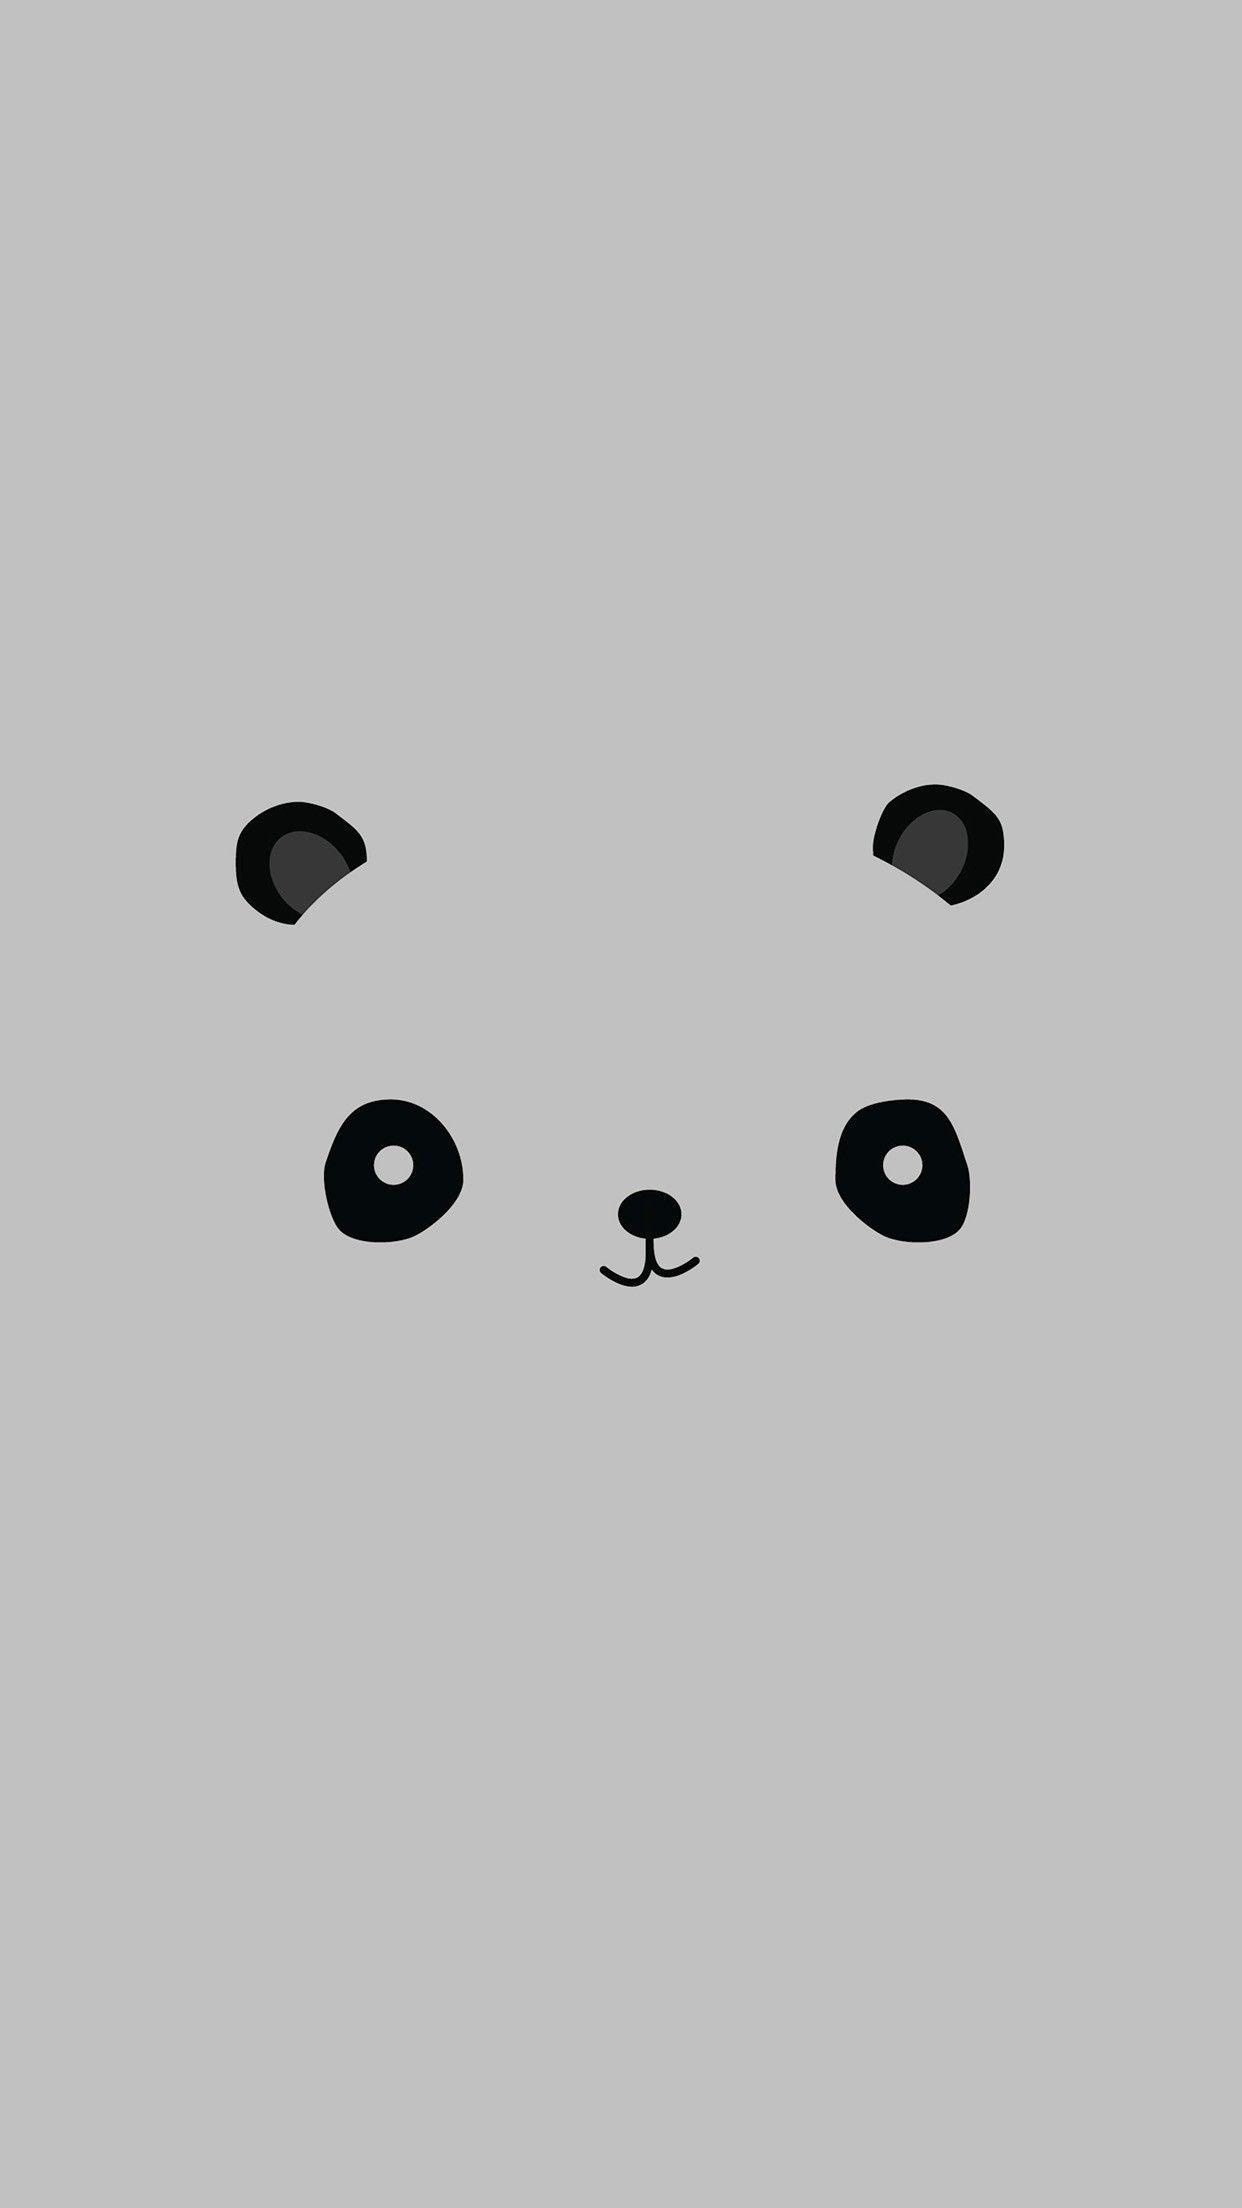 Cute Minimal Panda Smartphone Wallpaper and Lockscreen HD